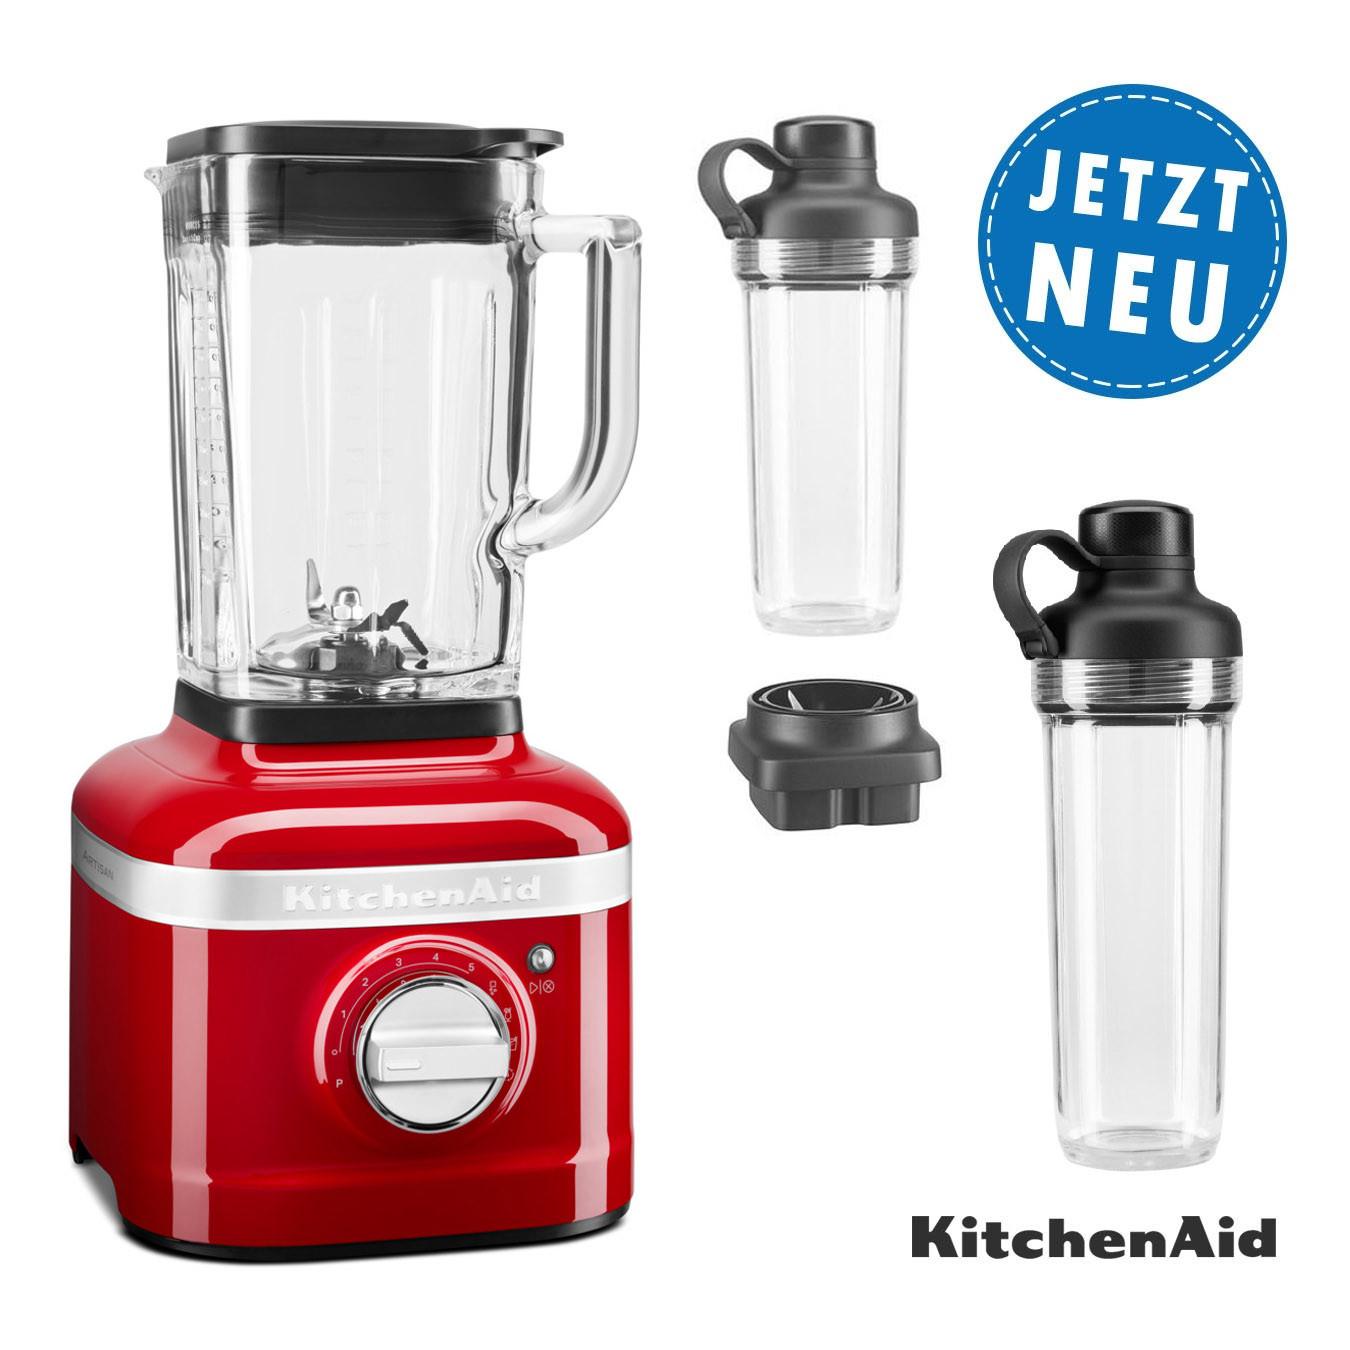 KitchenAid ARTISAN K400 Standmixer 5KSB4026 mit 2xTo-Go-Behälter und Klingen